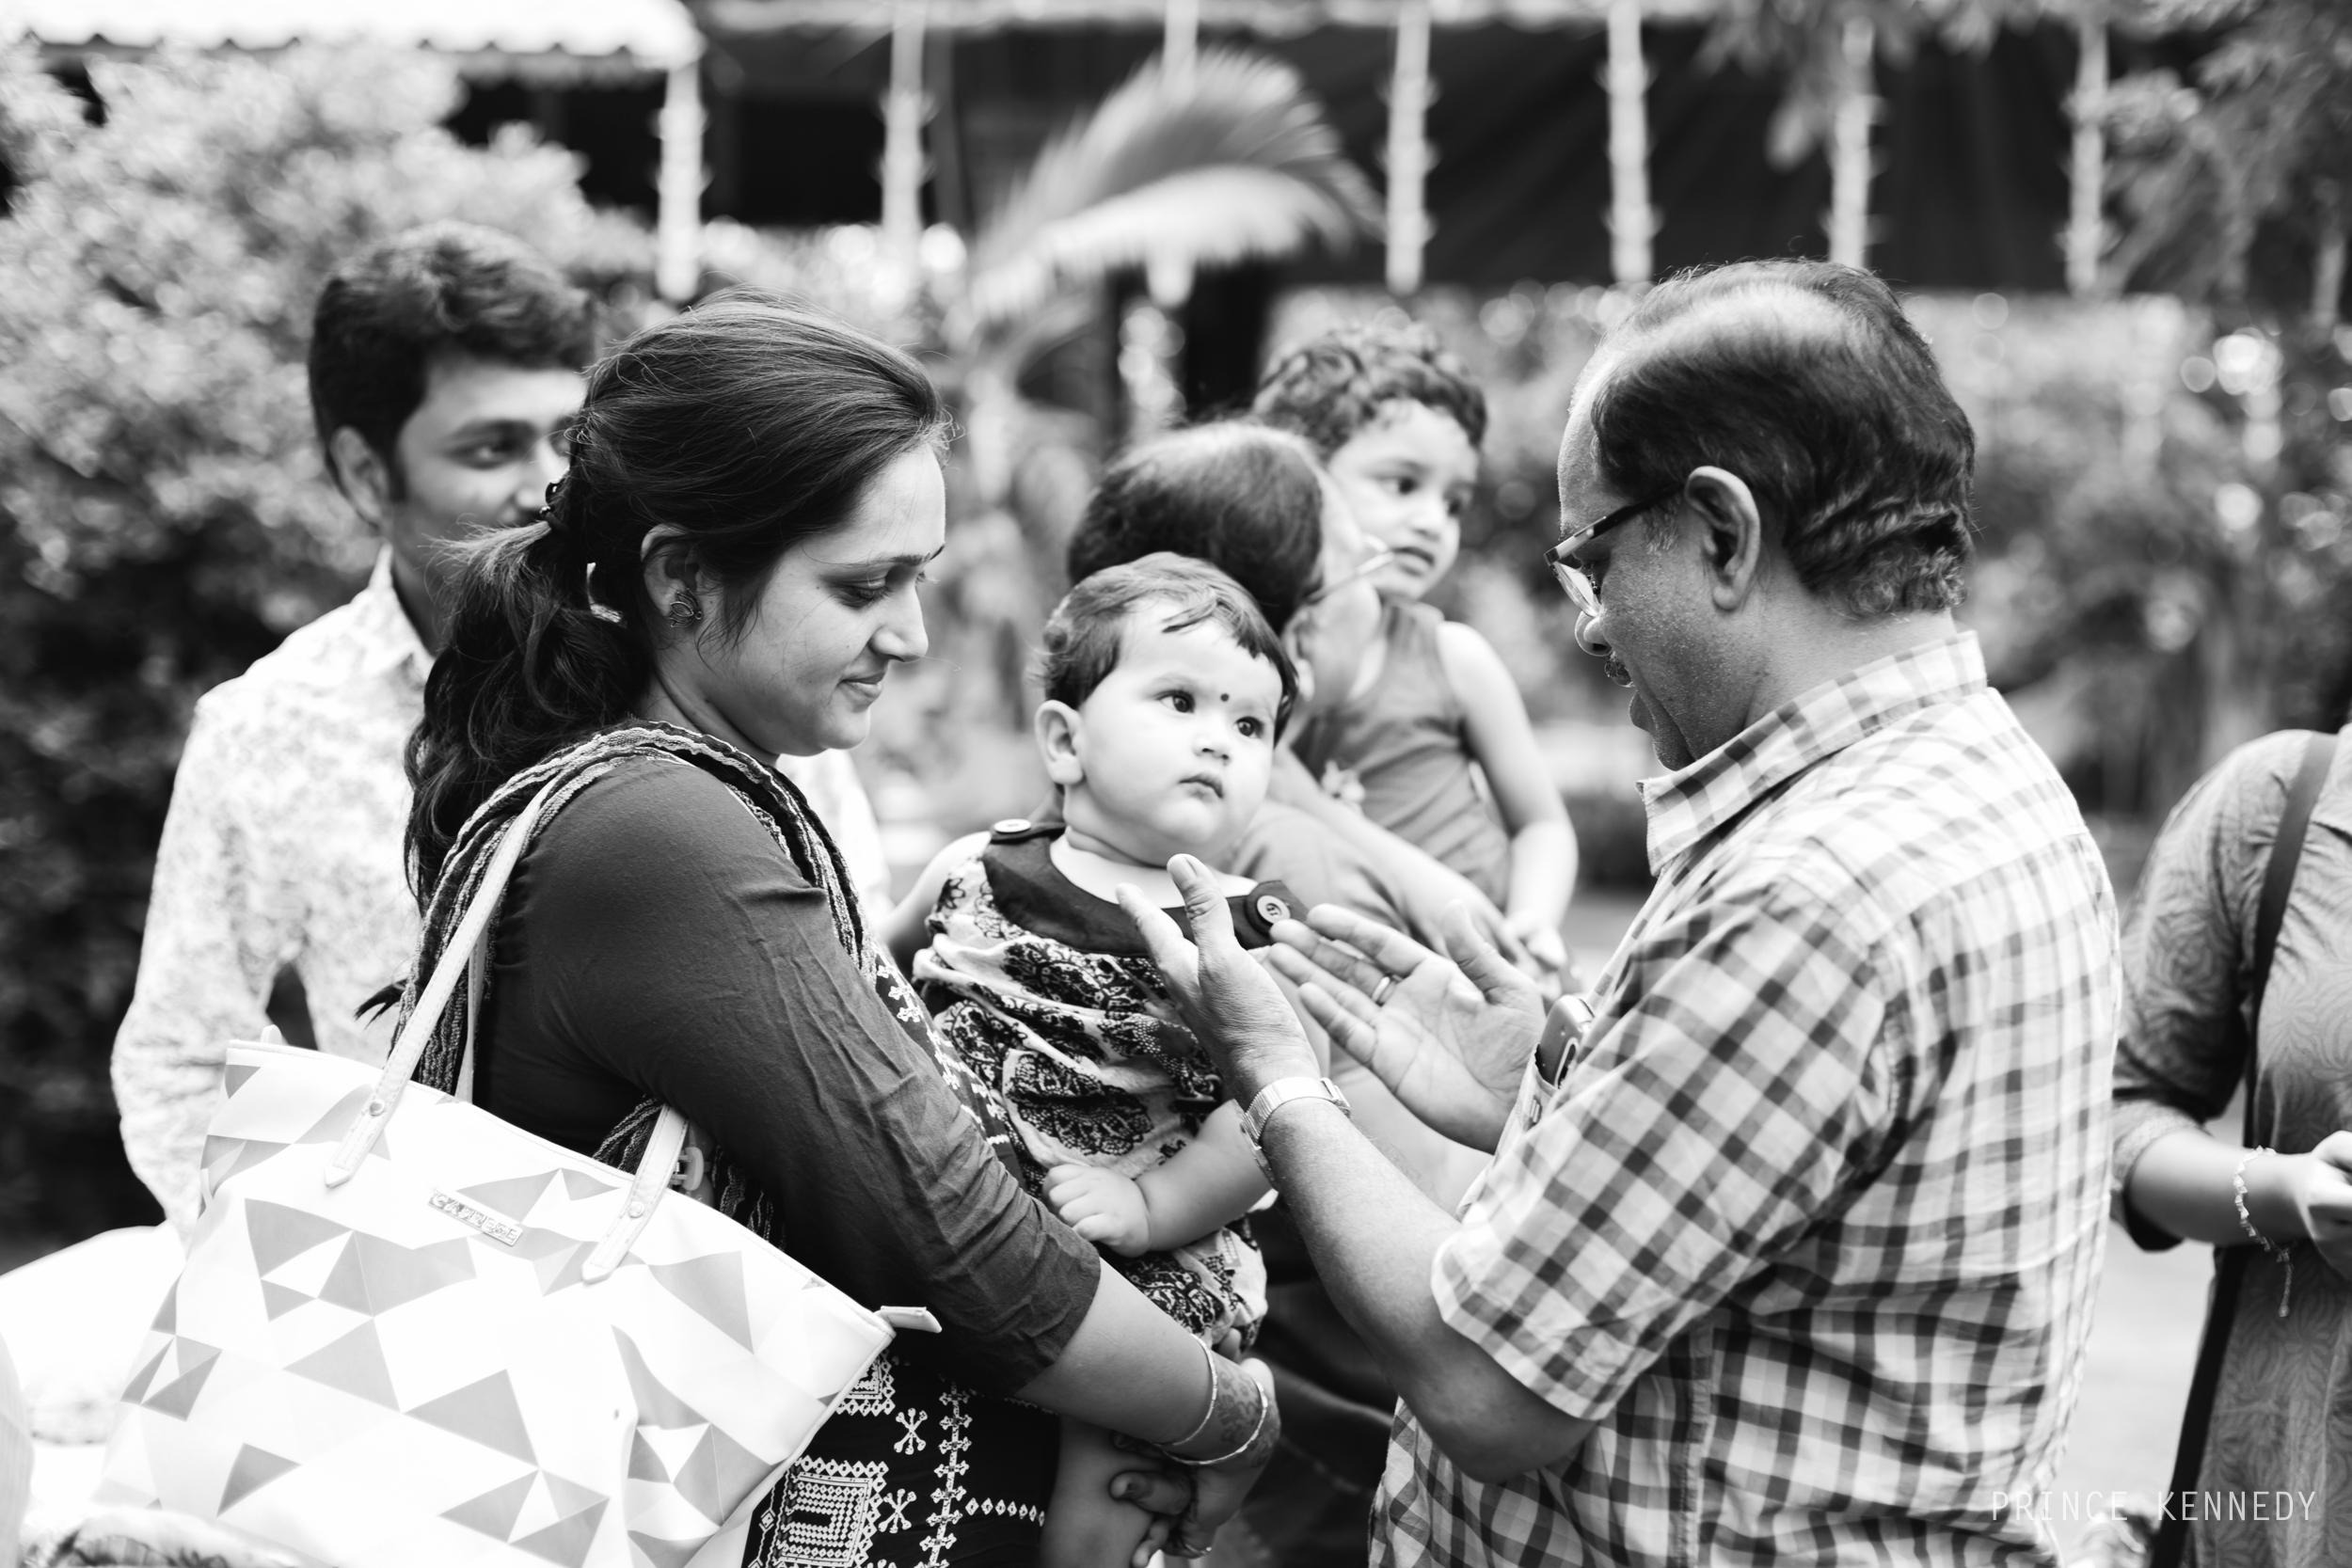 Engagement-Couple-Portrait-Portraiture-Wedding-Couple-Portrait-Chennai-Photographer-Candid-Photography-Destination-Best-Prince-Kennedy-Photography-12.jpg